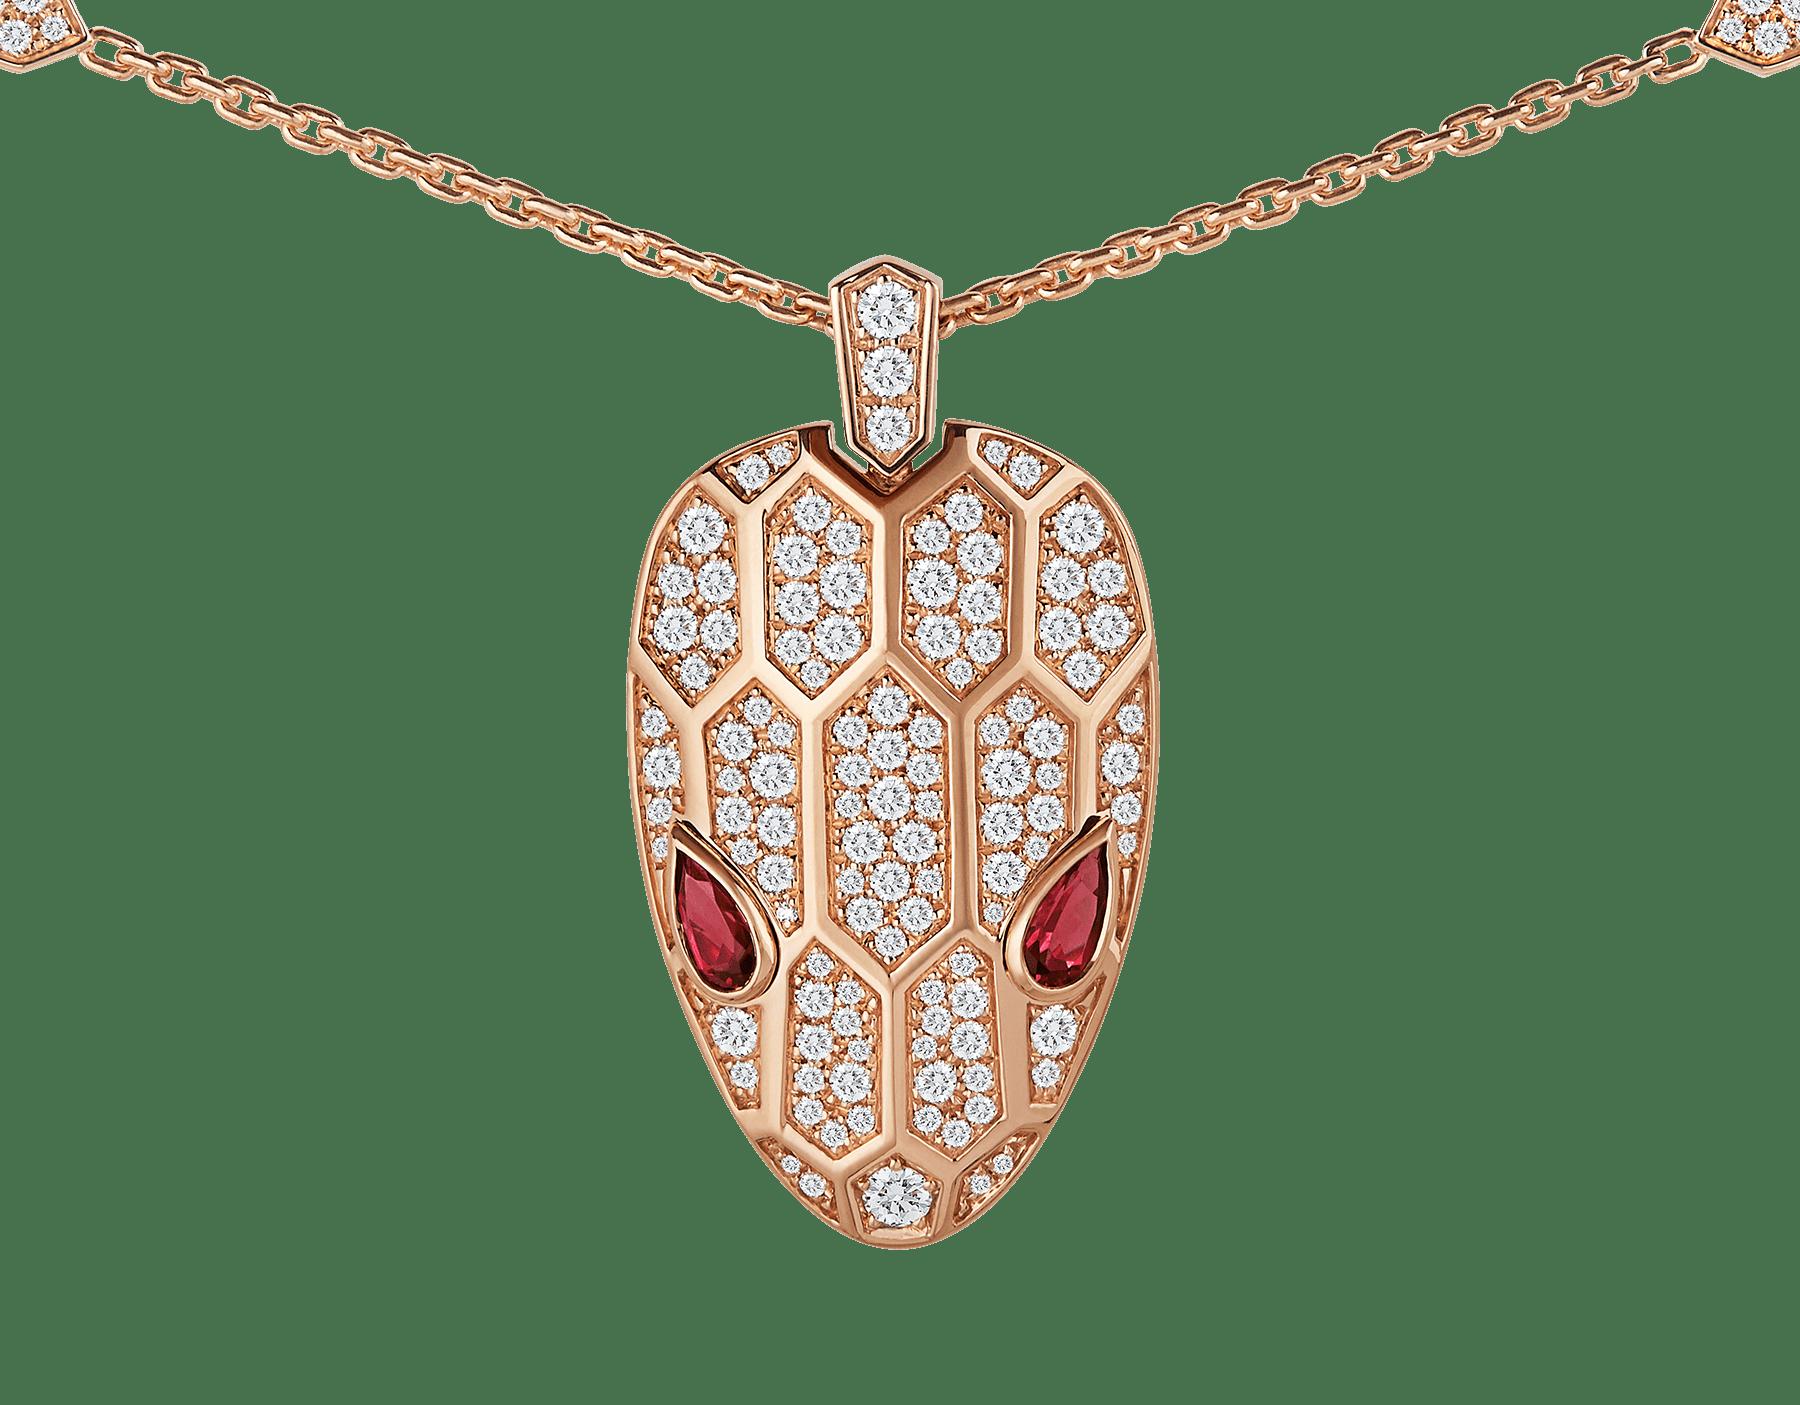 Suspendu à une ravissante chaîne complétée d'écailles hexagonales en pavé diamants, le pendentif Serpenti séduit par la brillance de la tête du serpent et le charme envoûtant de ses magnifiques yeux en rubellite. 352725 image 3